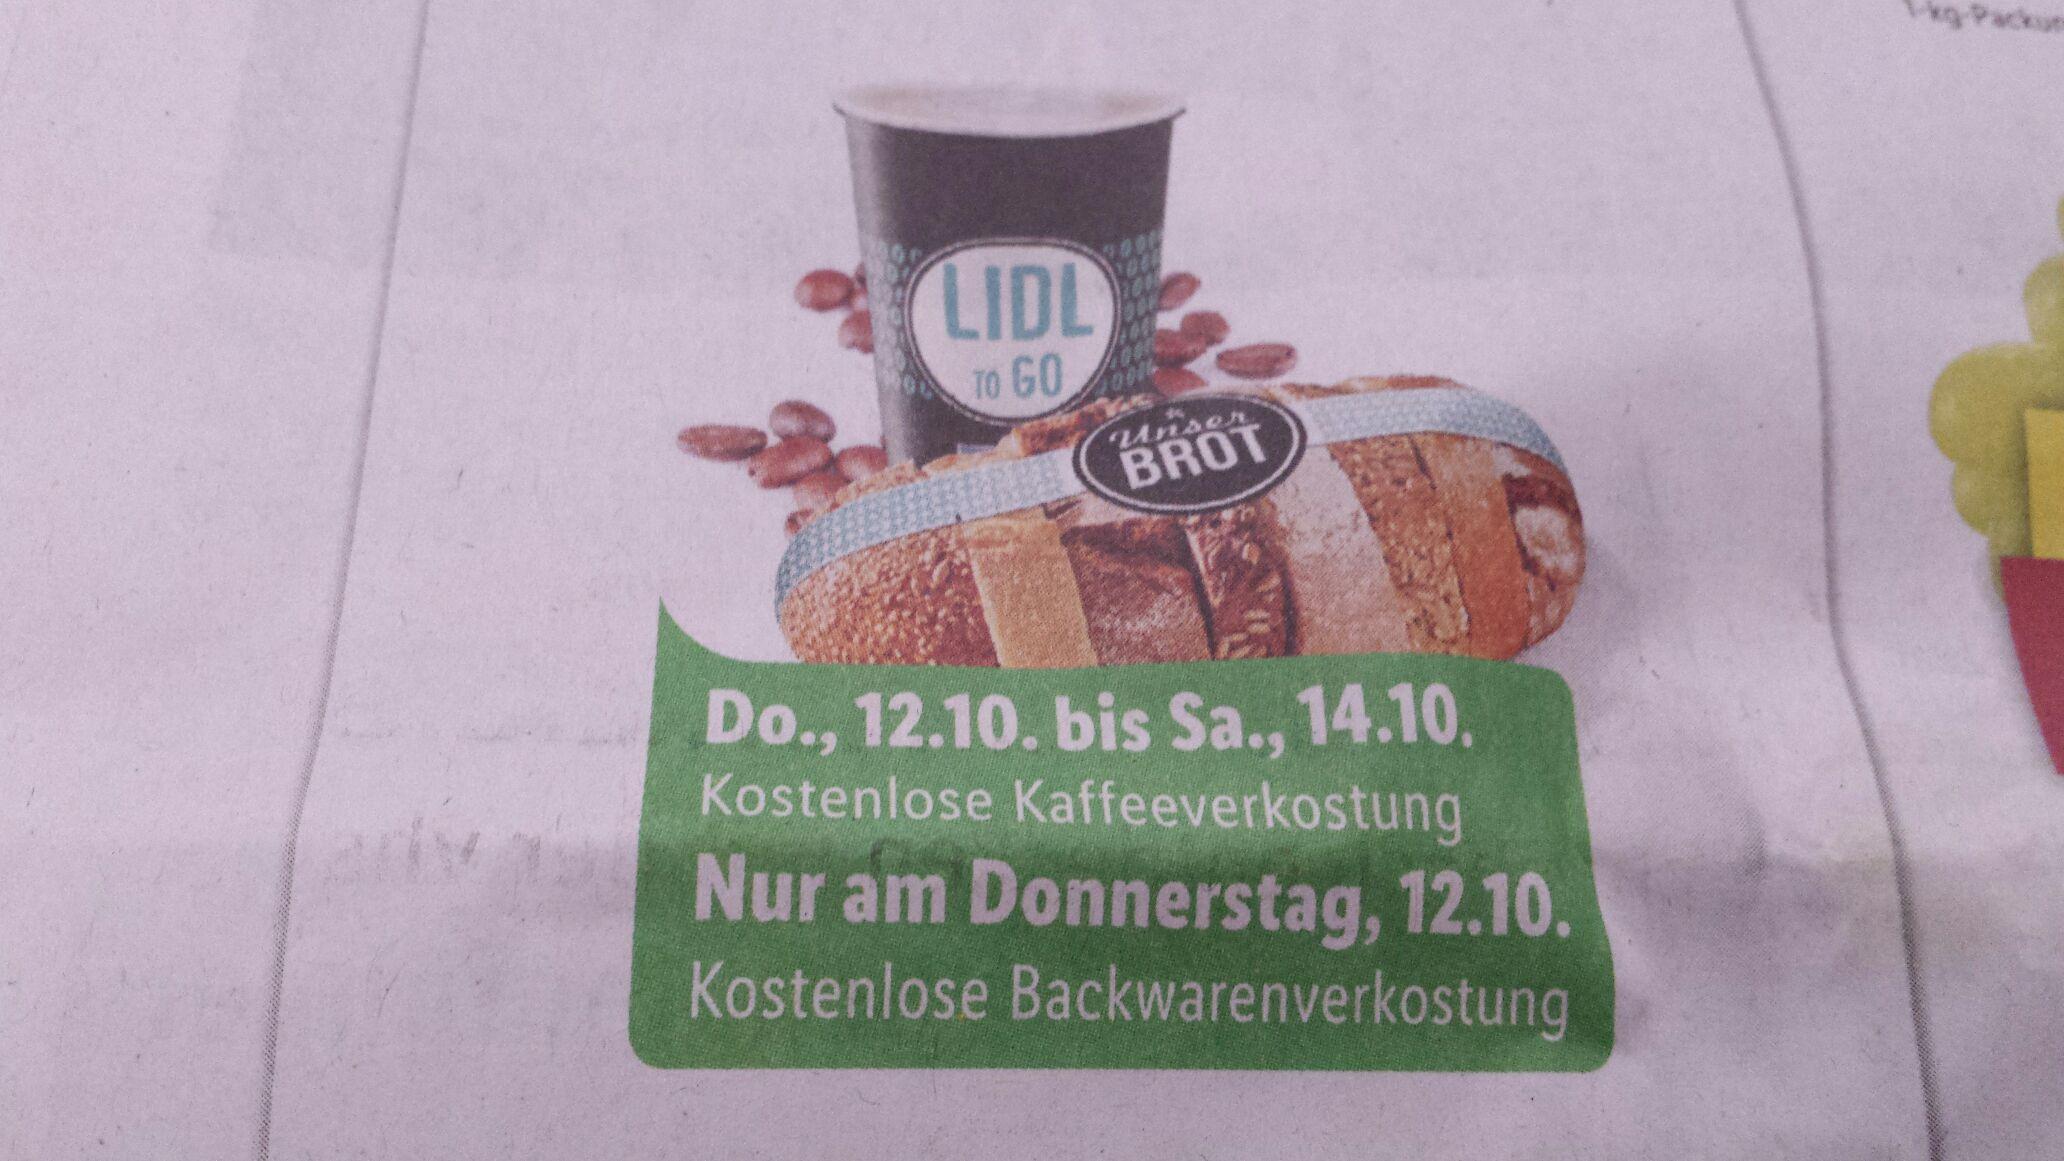 (Lokal) Lidl Heroldsberg nur heute kostenlos Kaffee und Backwarenkostung